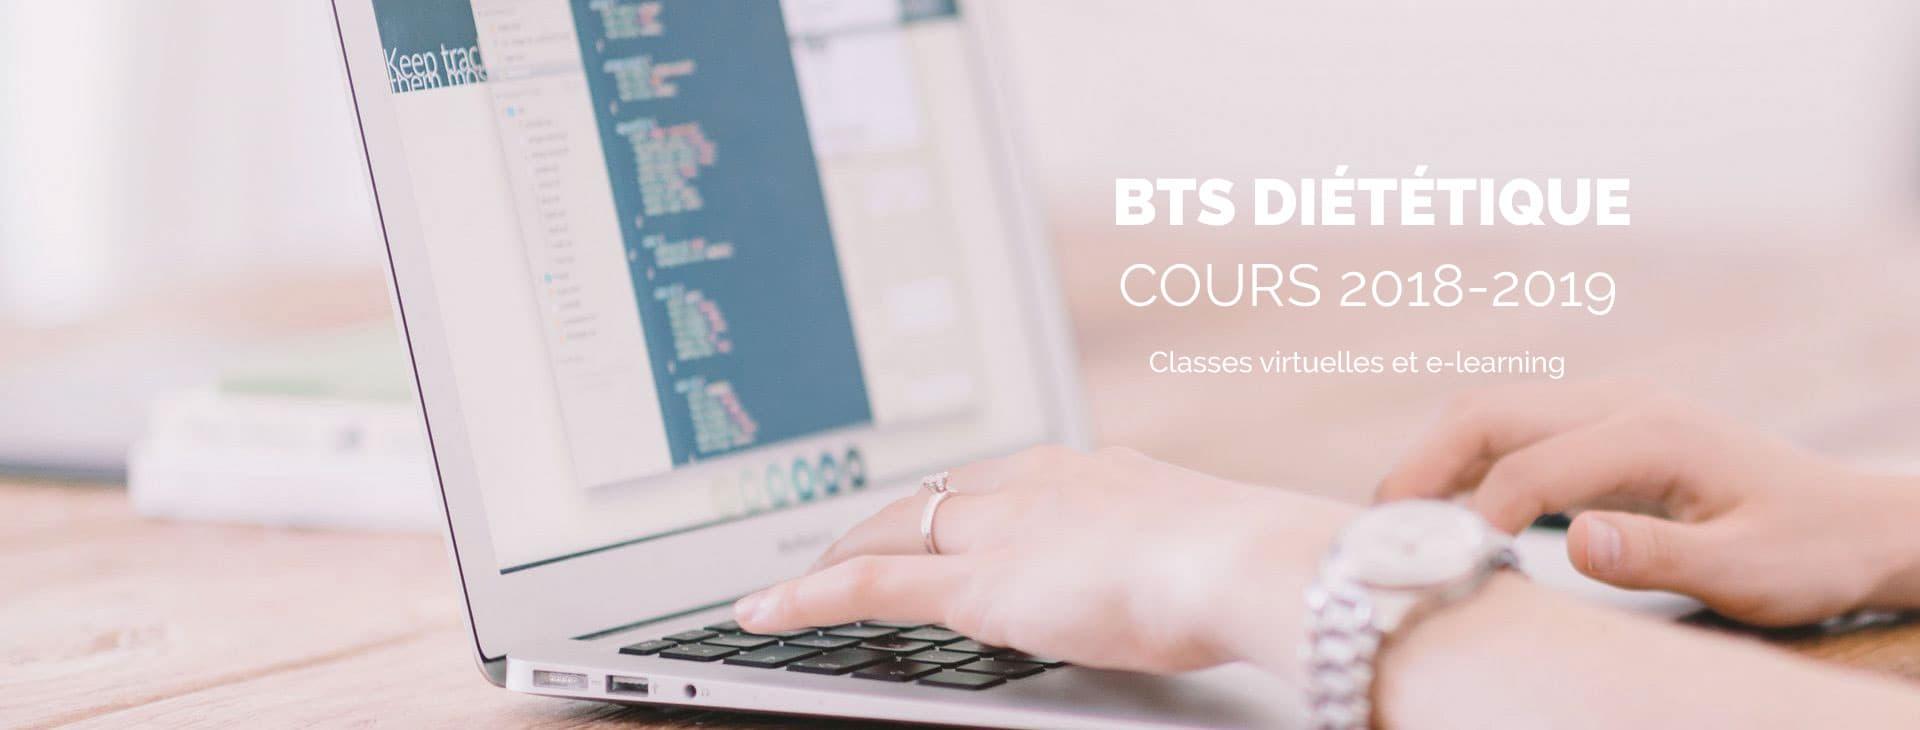 COURS BTS DIÉTÉTIQUE Classes-virtuelles-et-e-learning_2018-2019